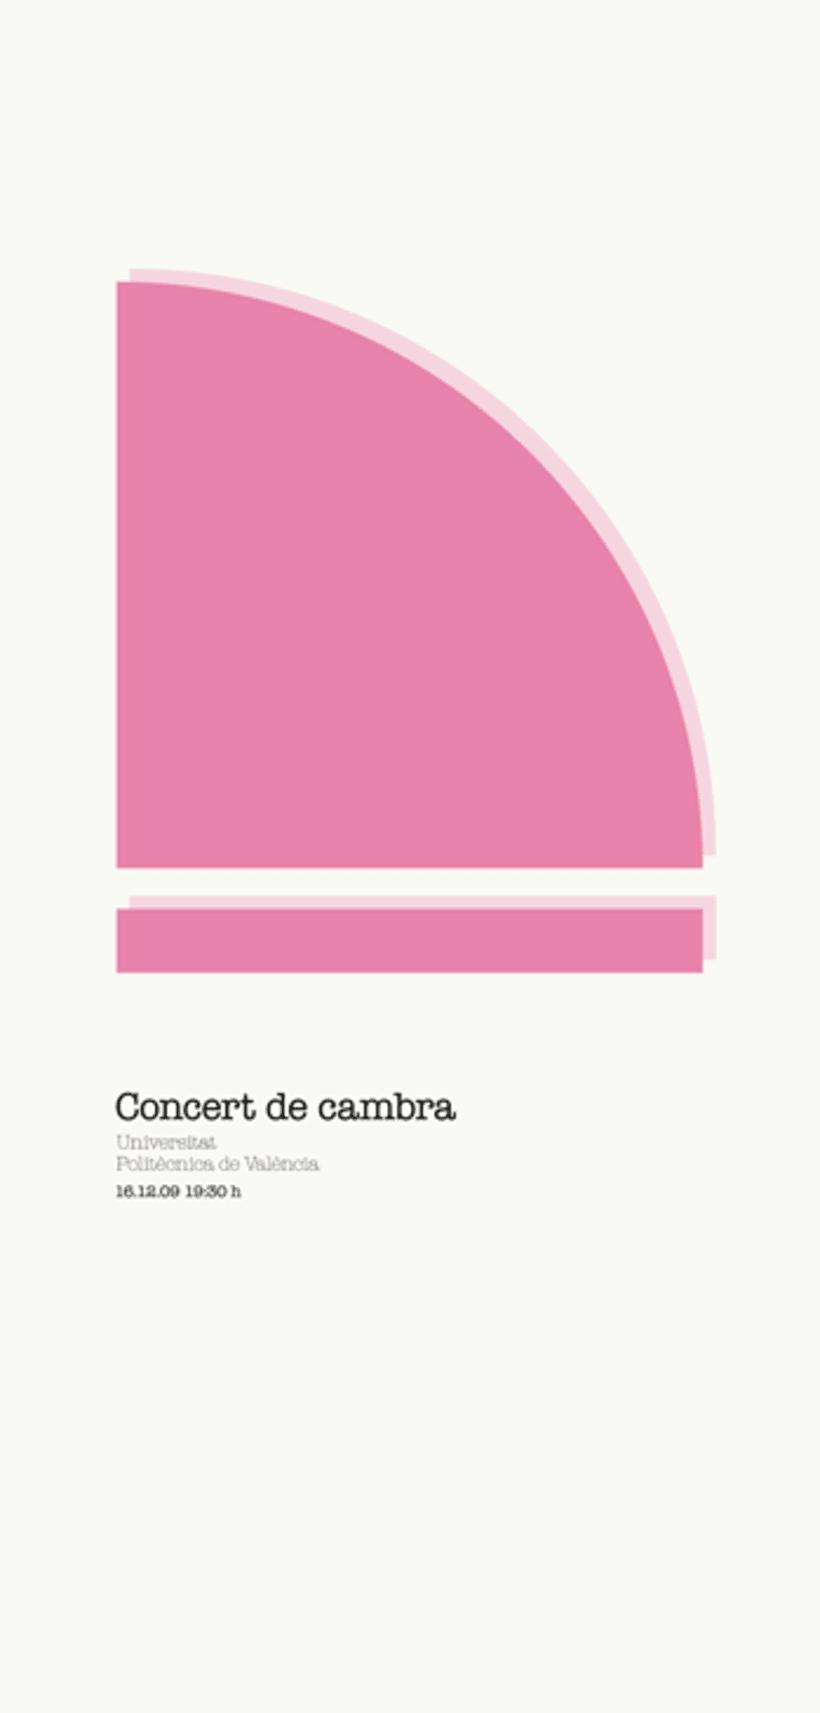 Concert de Cambra, UPV 1